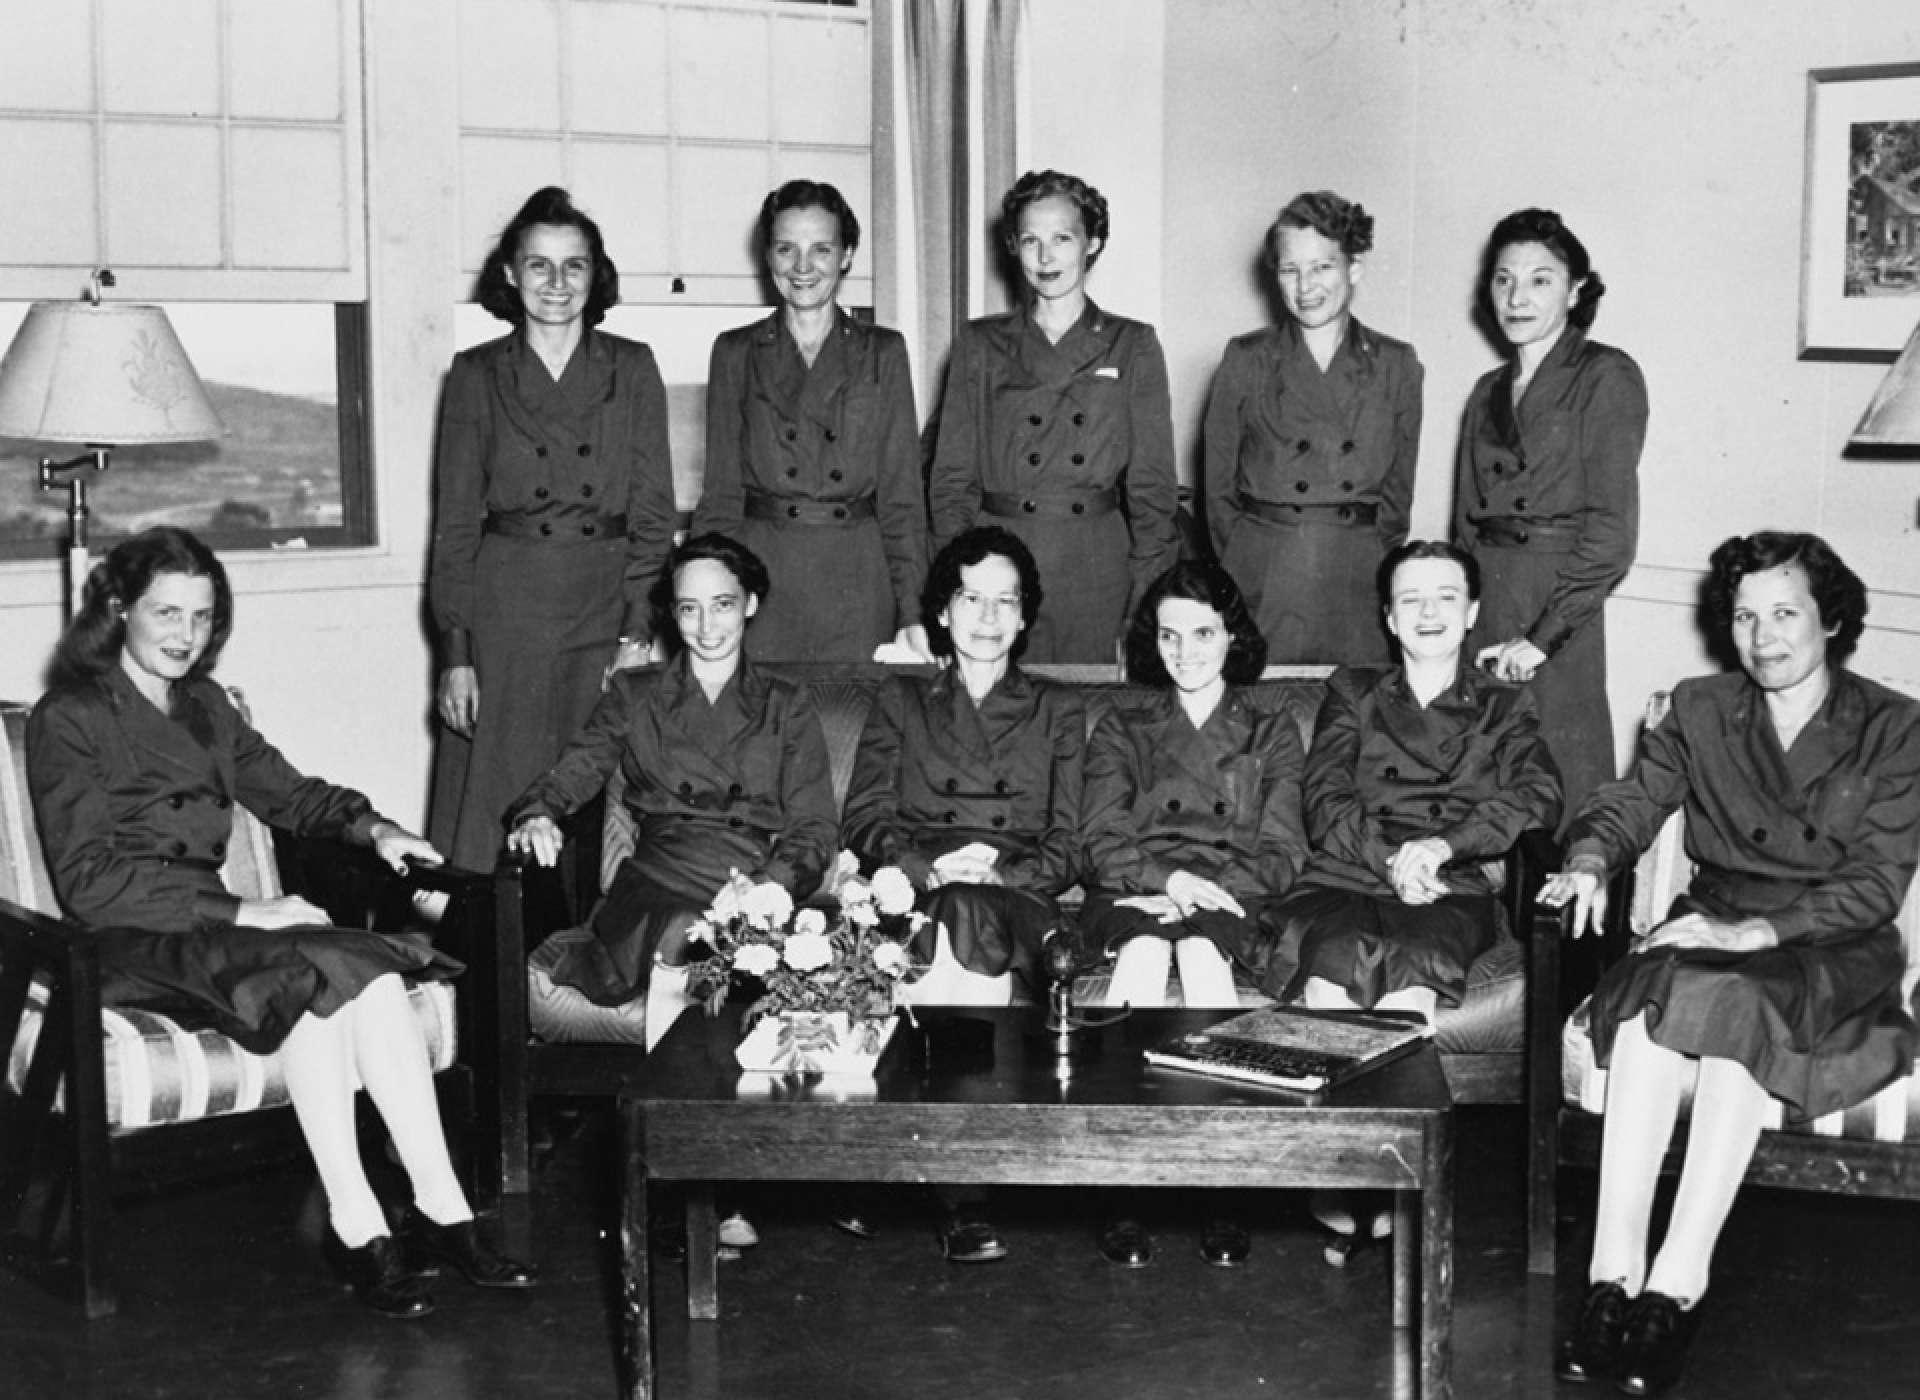 Ex-POW Navy nurses